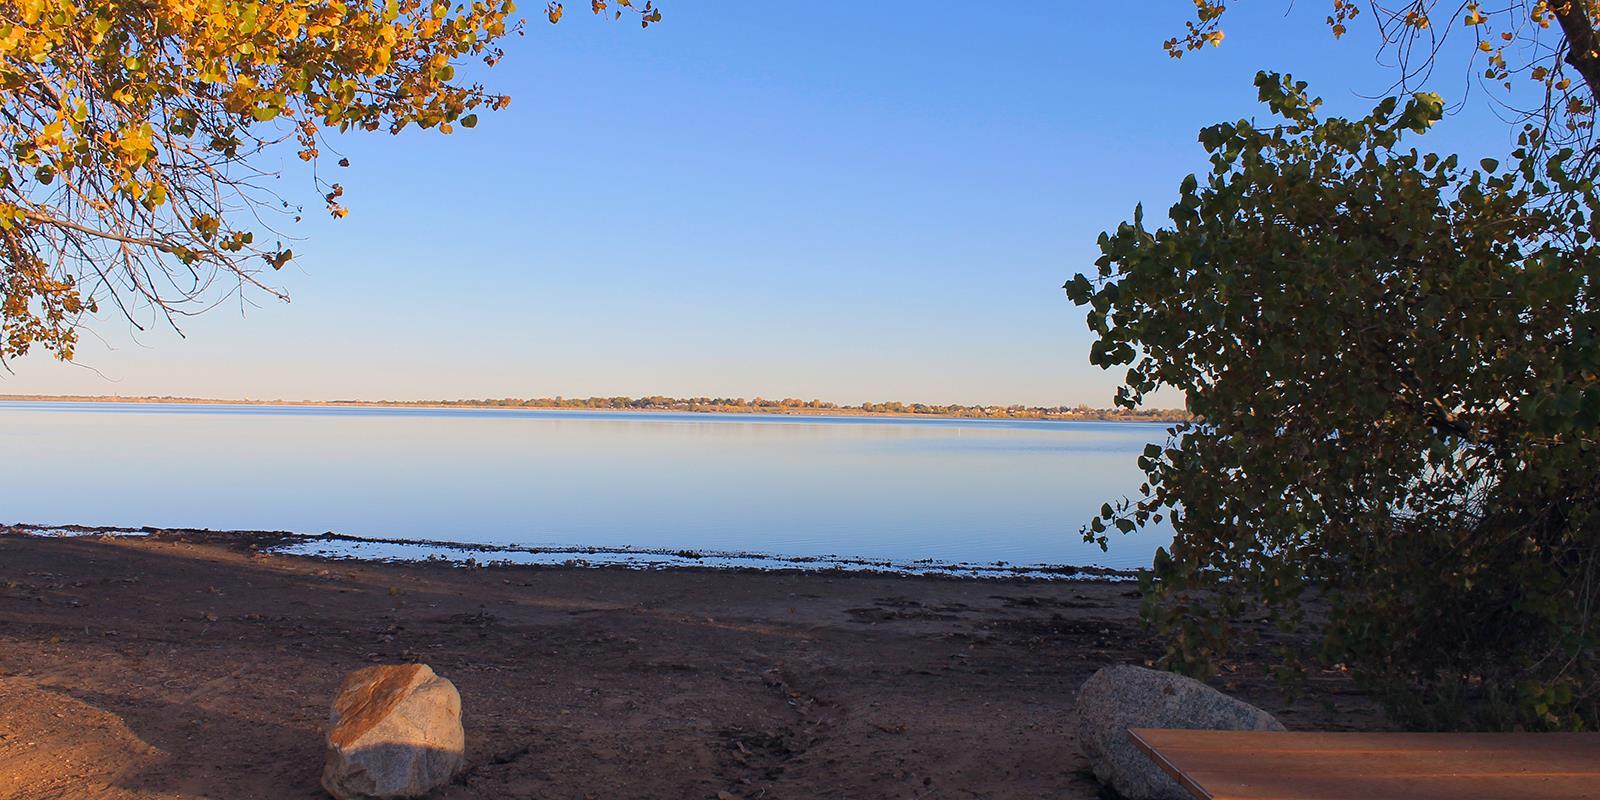 Standley Lake